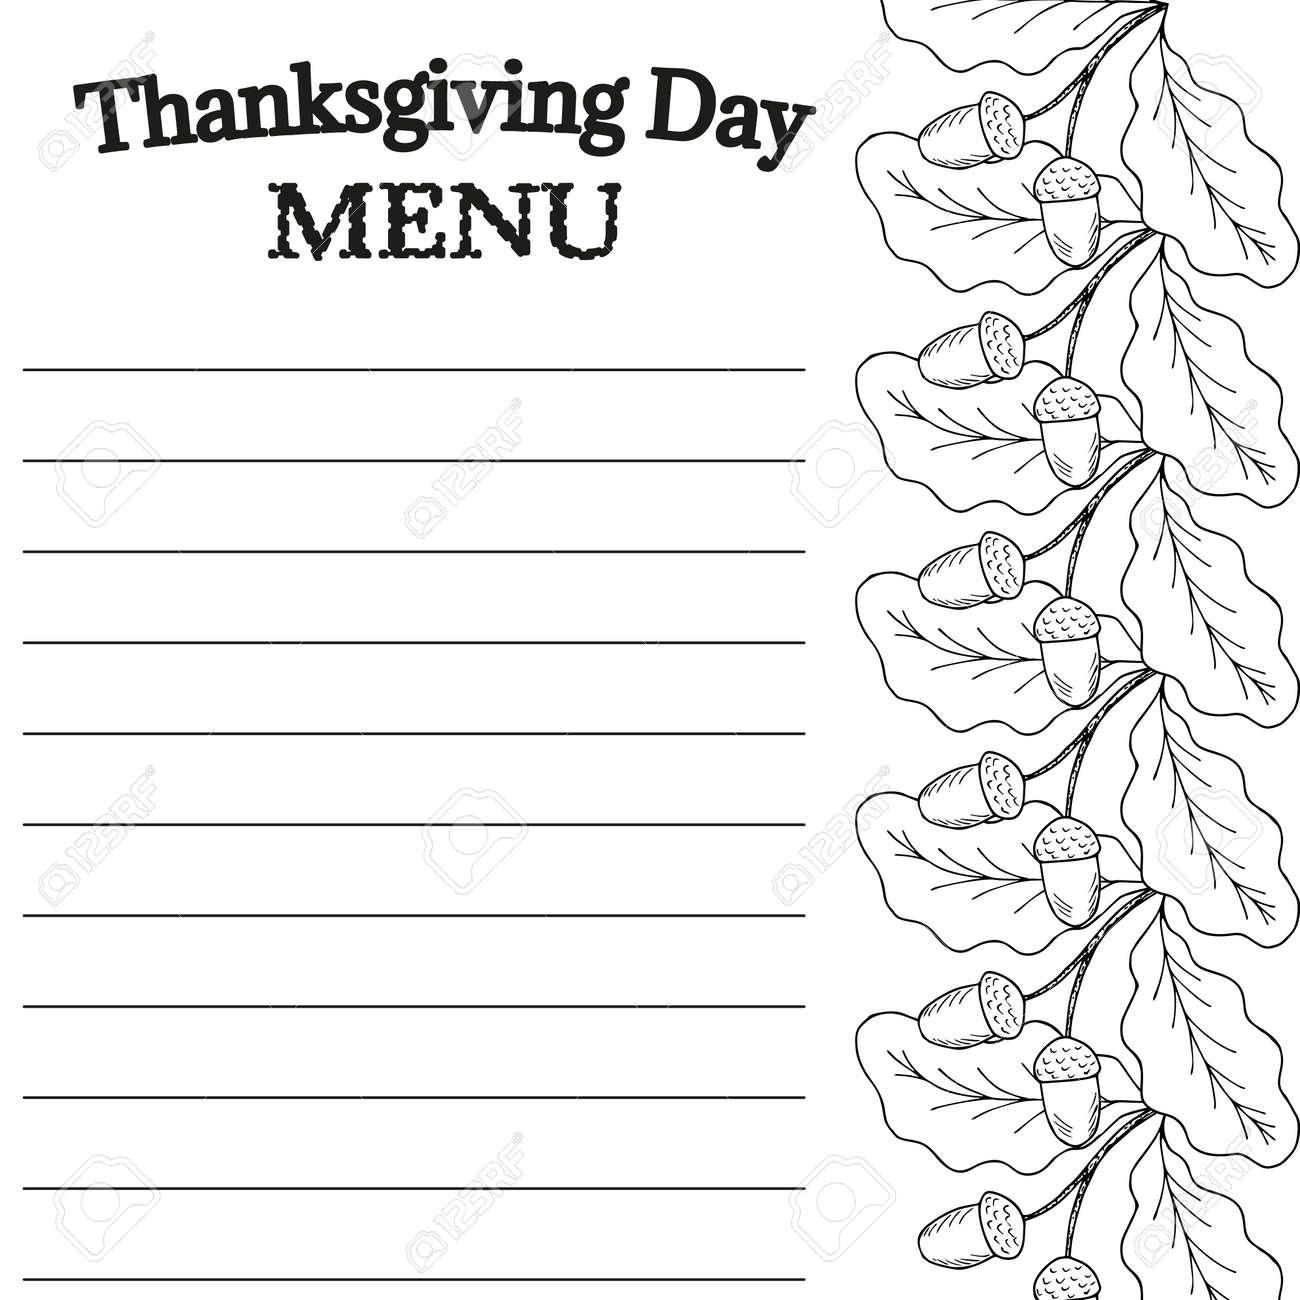 Plantilla De Dibujo Del Menú Del Día De Acción De Gracias. Para ...